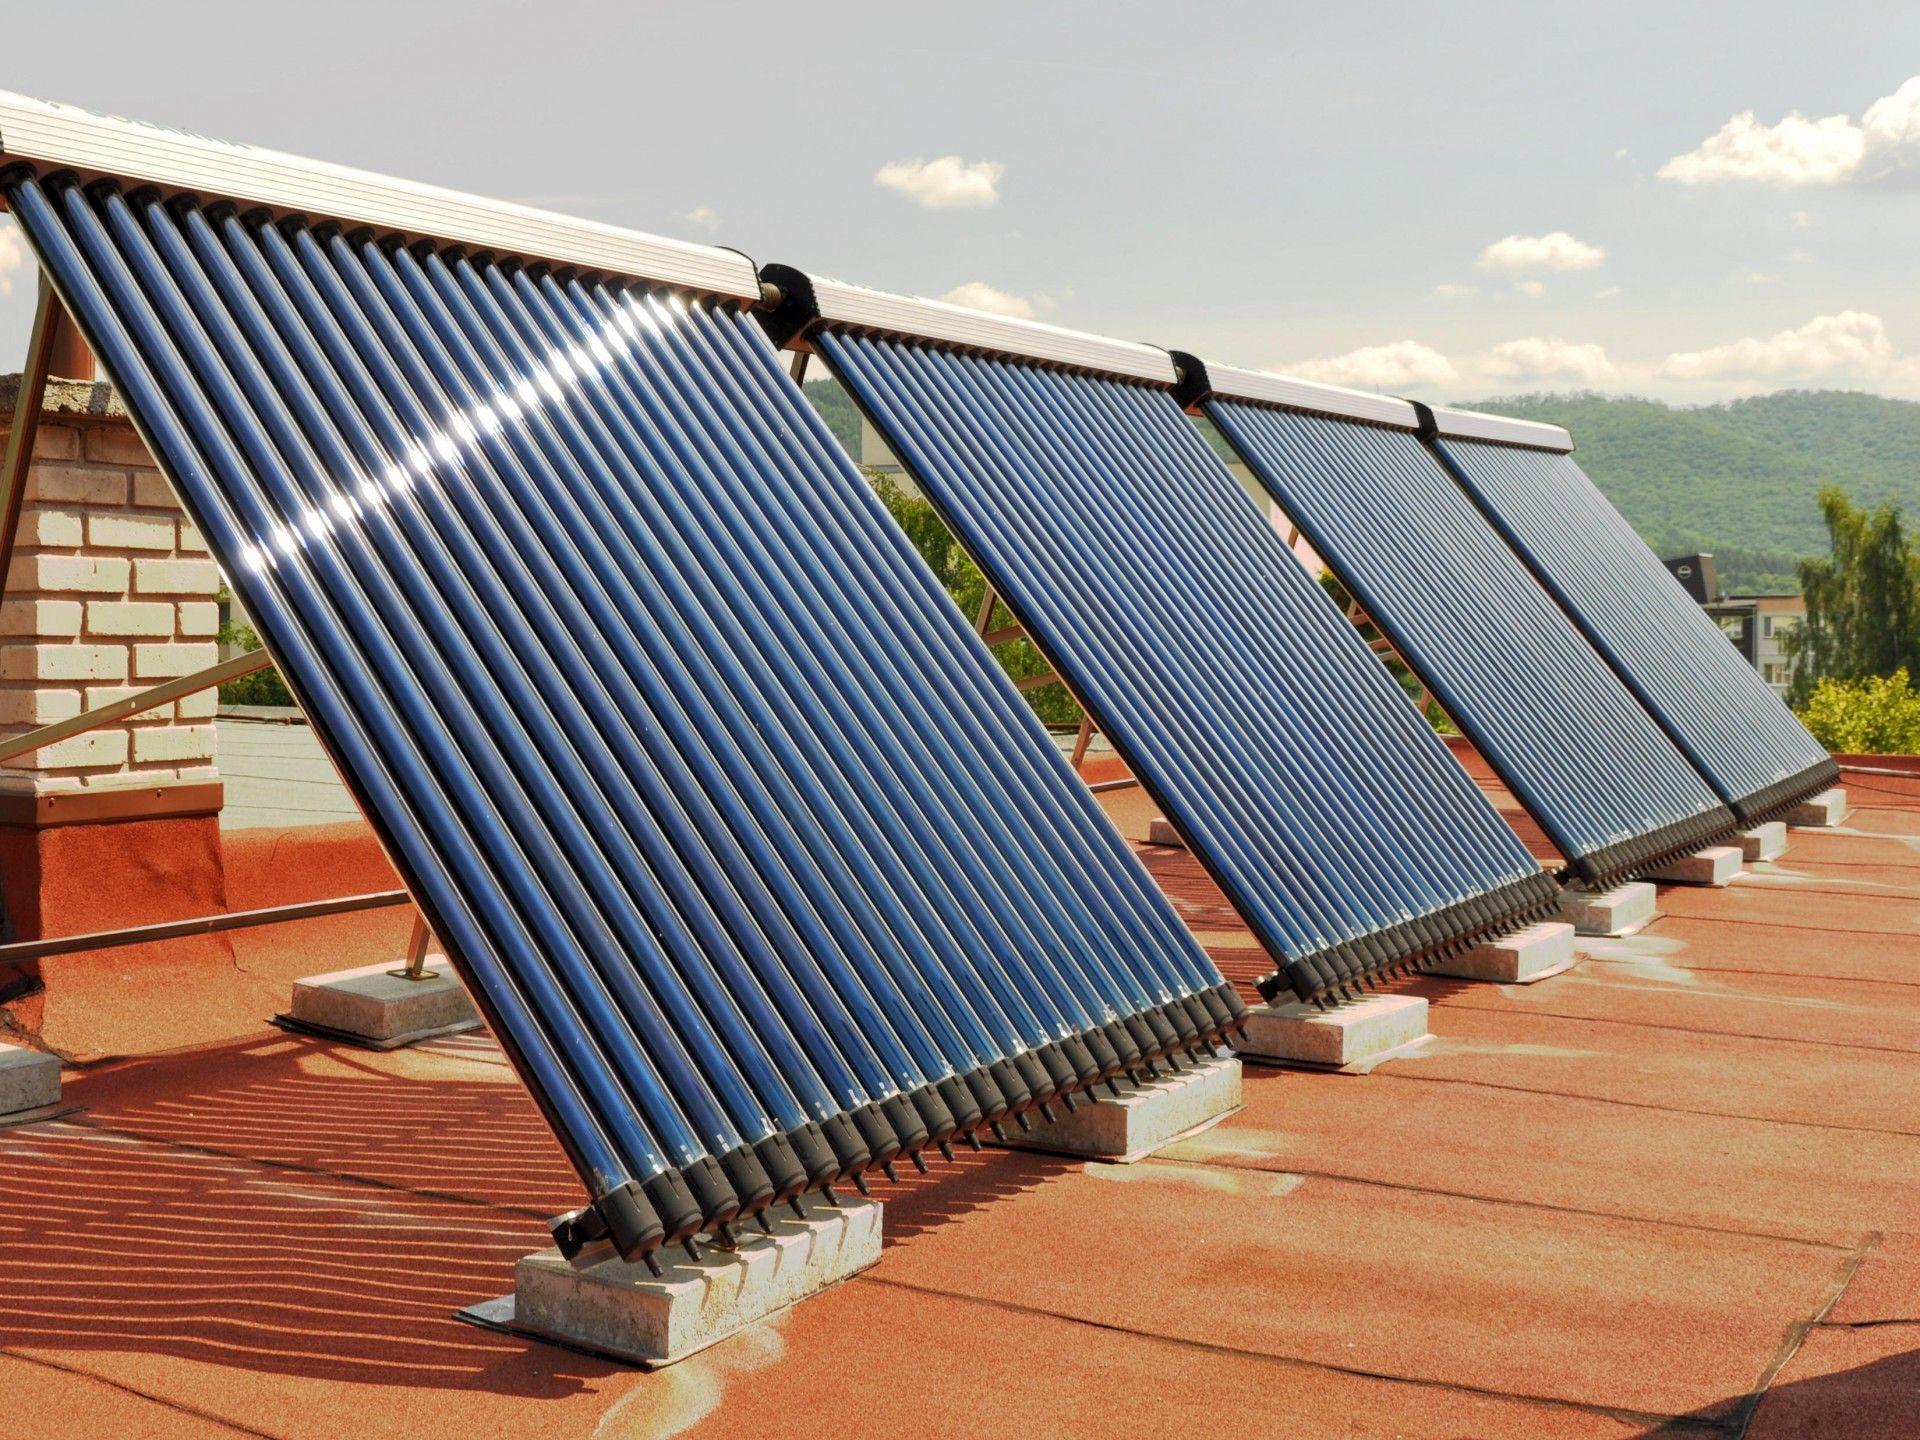 Každú sekundu vyžiari Slnko toľko energie, že by stačila pokryť potreby celého sveta na viac než 1000 rokov. Tá vám môže zohriať vodu či vykúriť domácnosť.